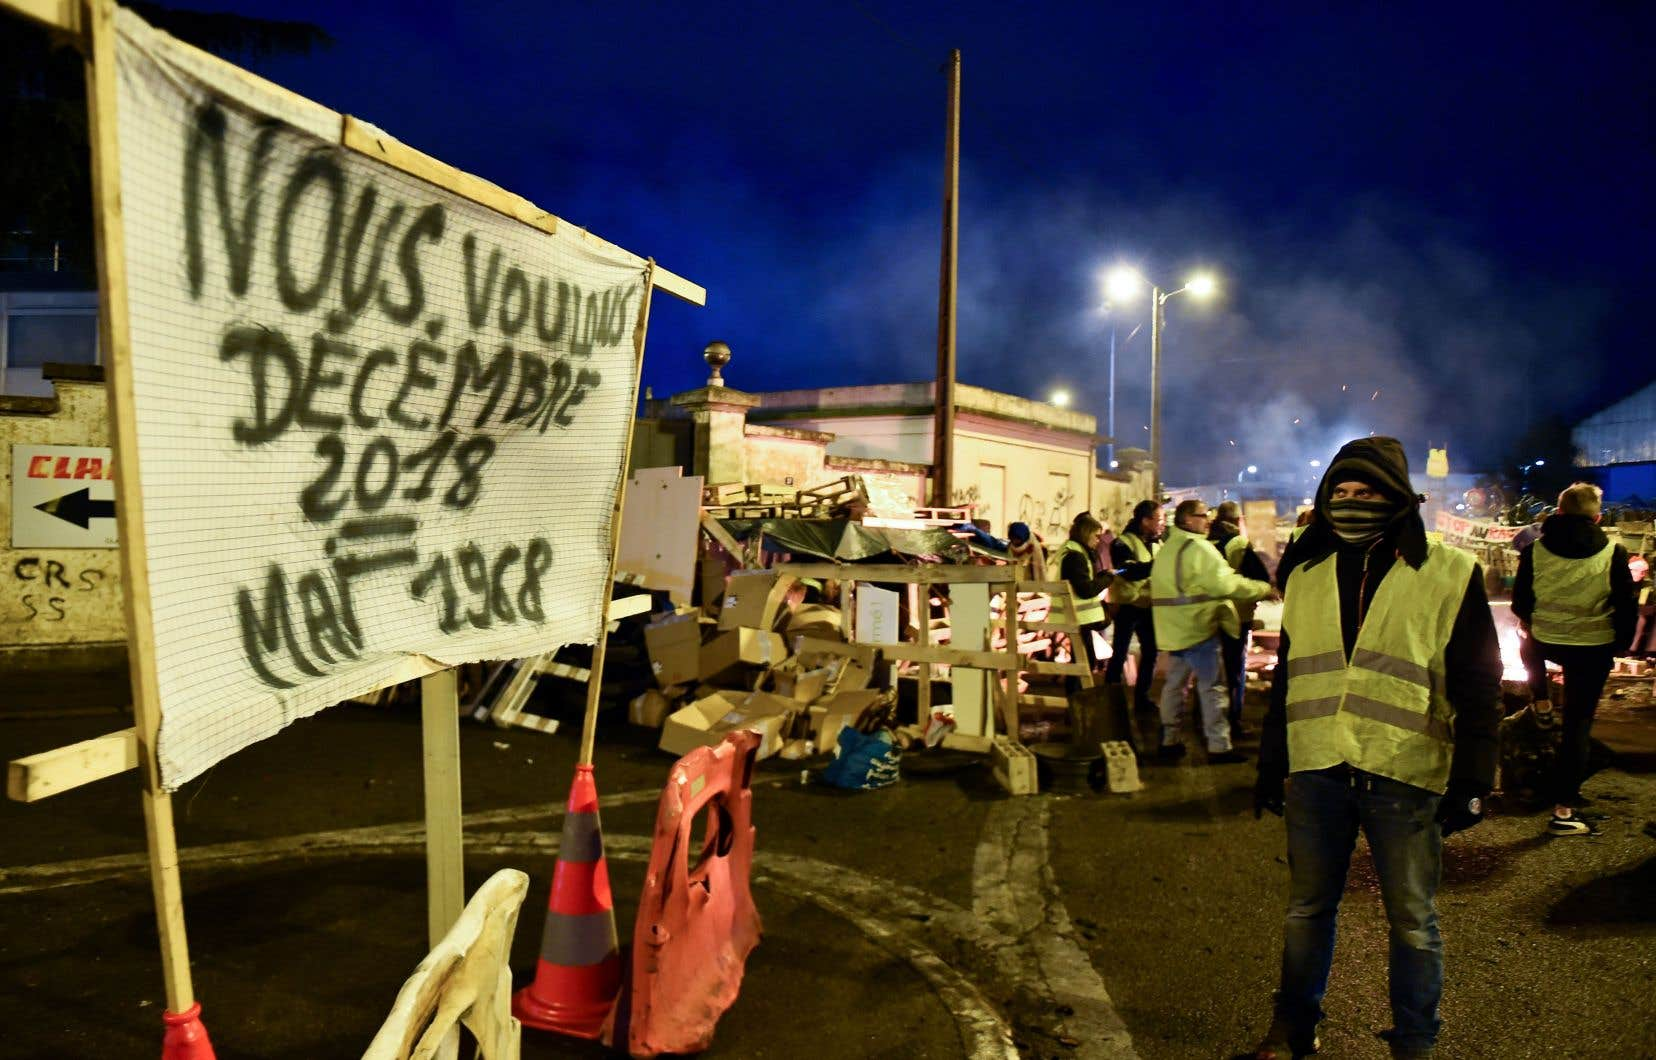 Pour s'opposer aux augmentations de taxes sur les carburants,des gilets jaunes ont bloqué l'accès à un dépôt pétrolier jeudi, au Mans.